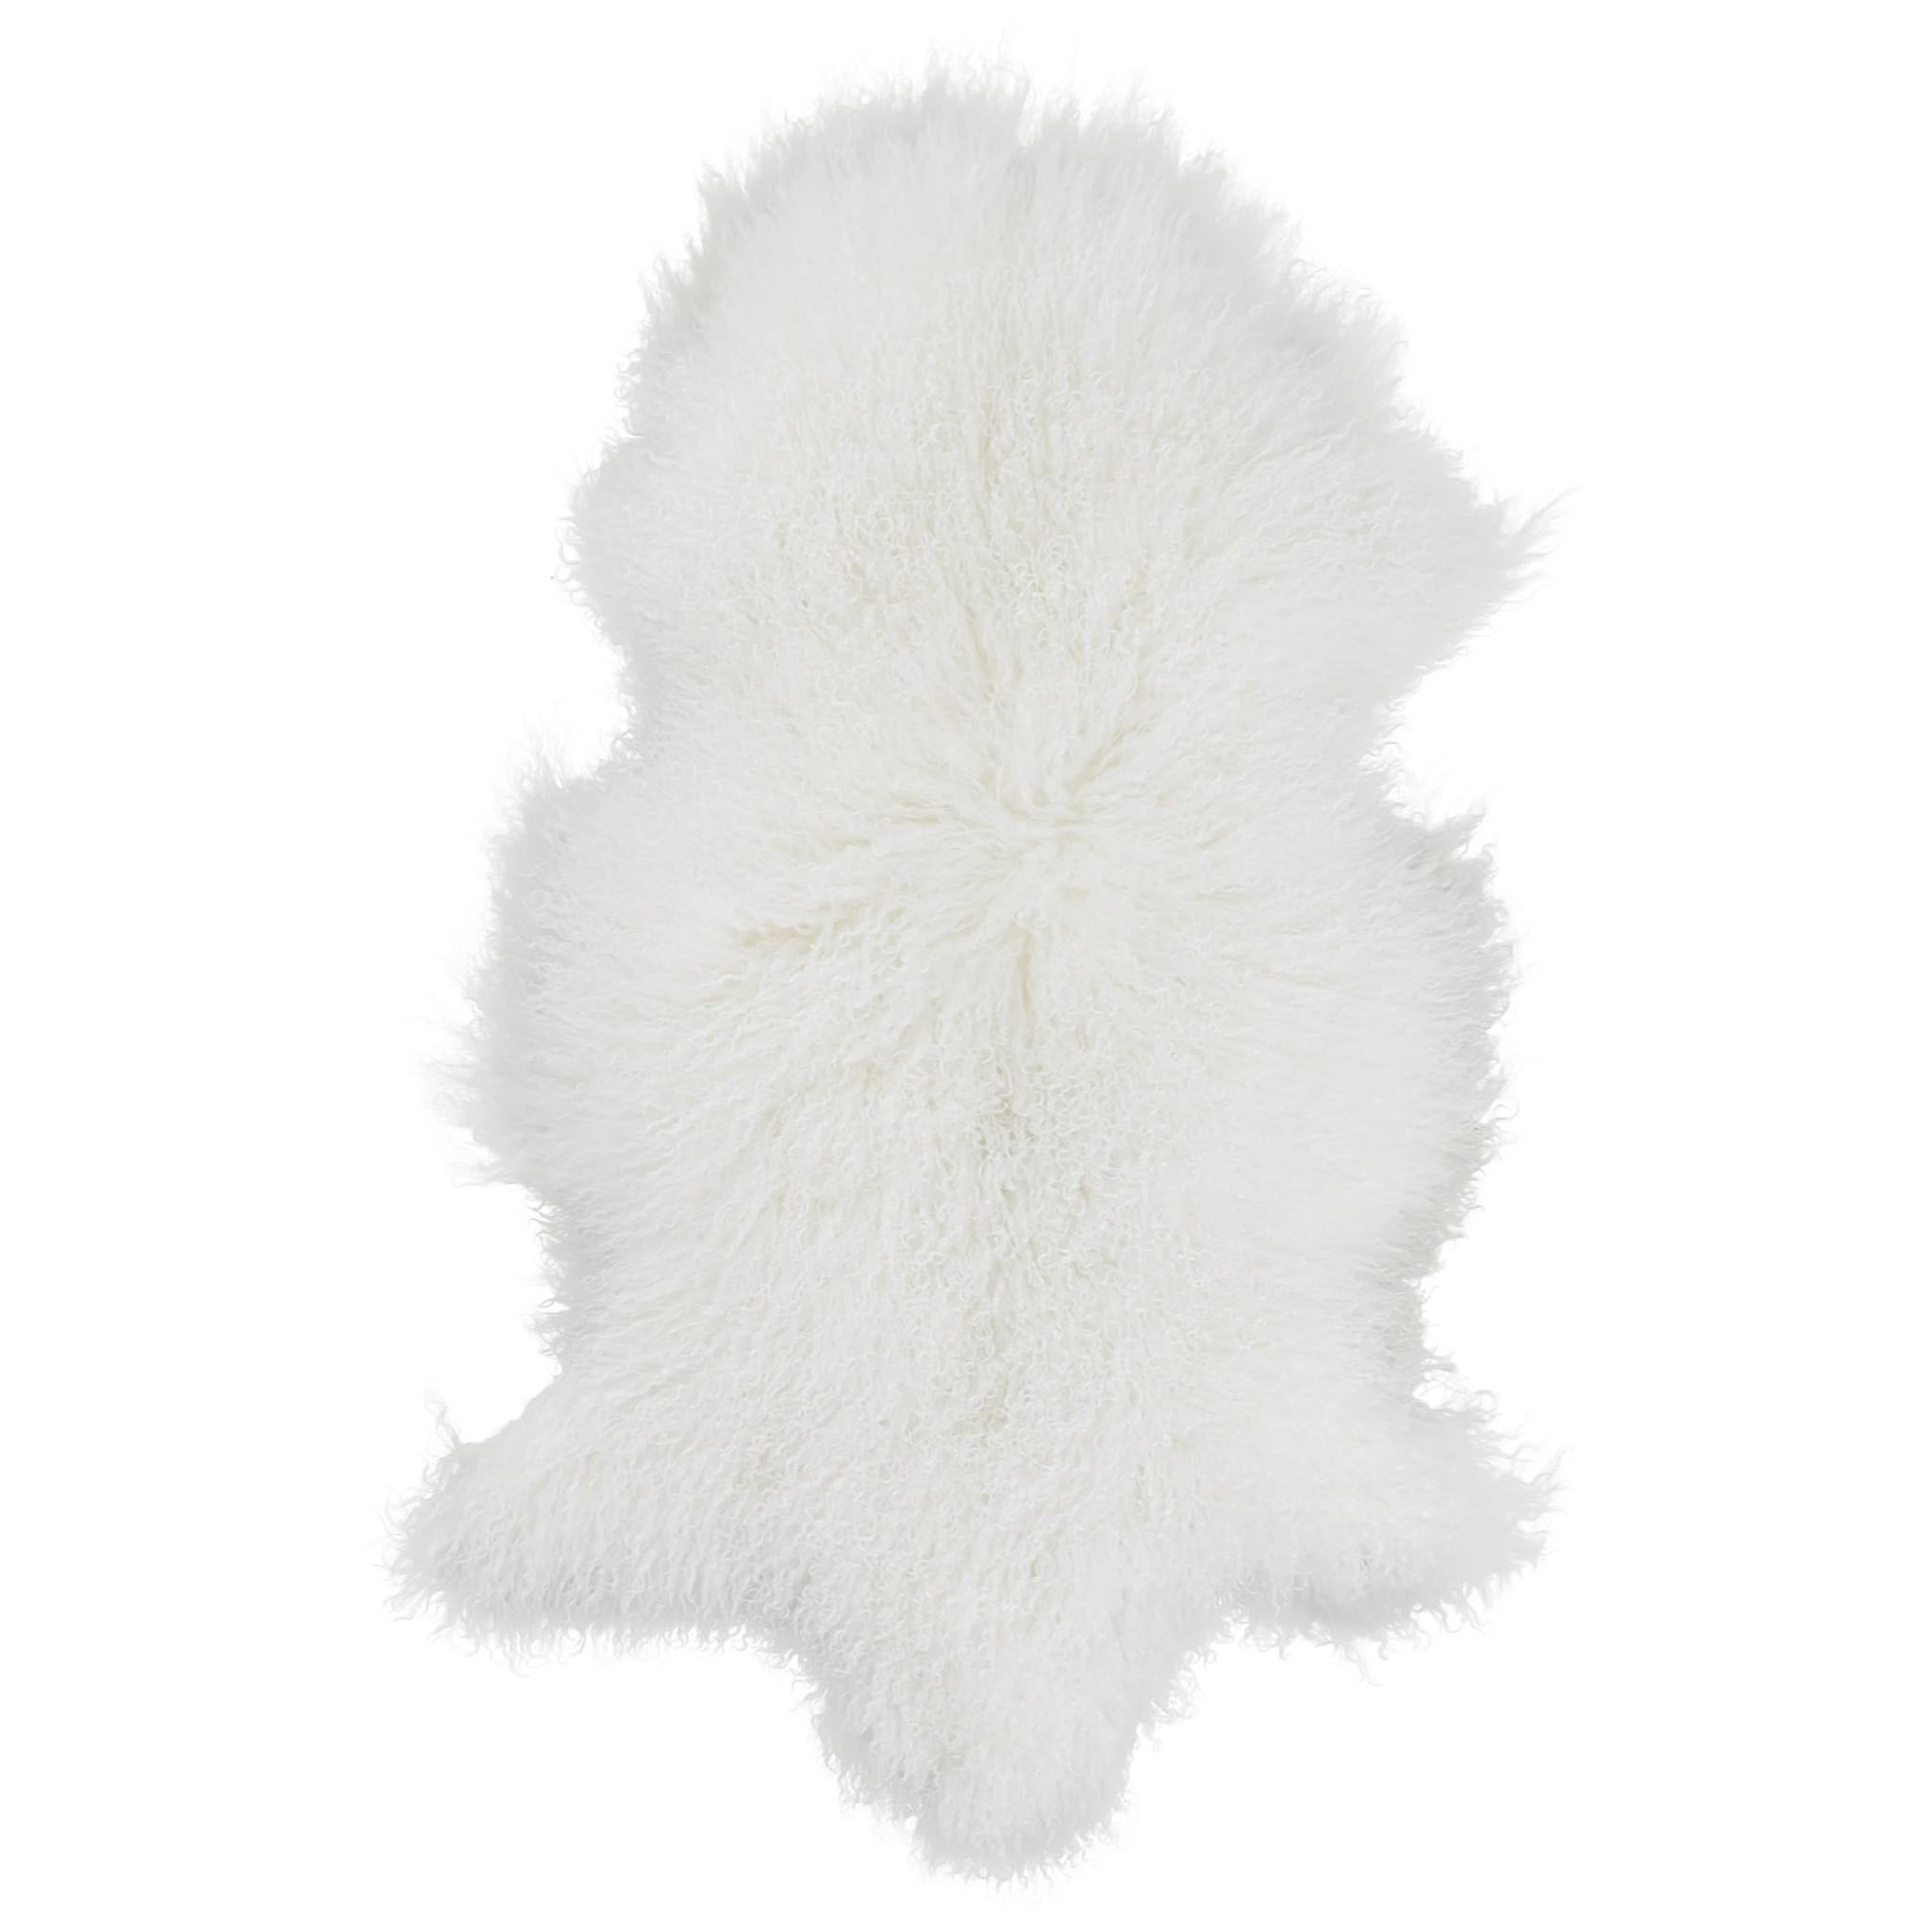 testVan Buren Schapenvacht wit Tibetaans met gekrulde lange haren